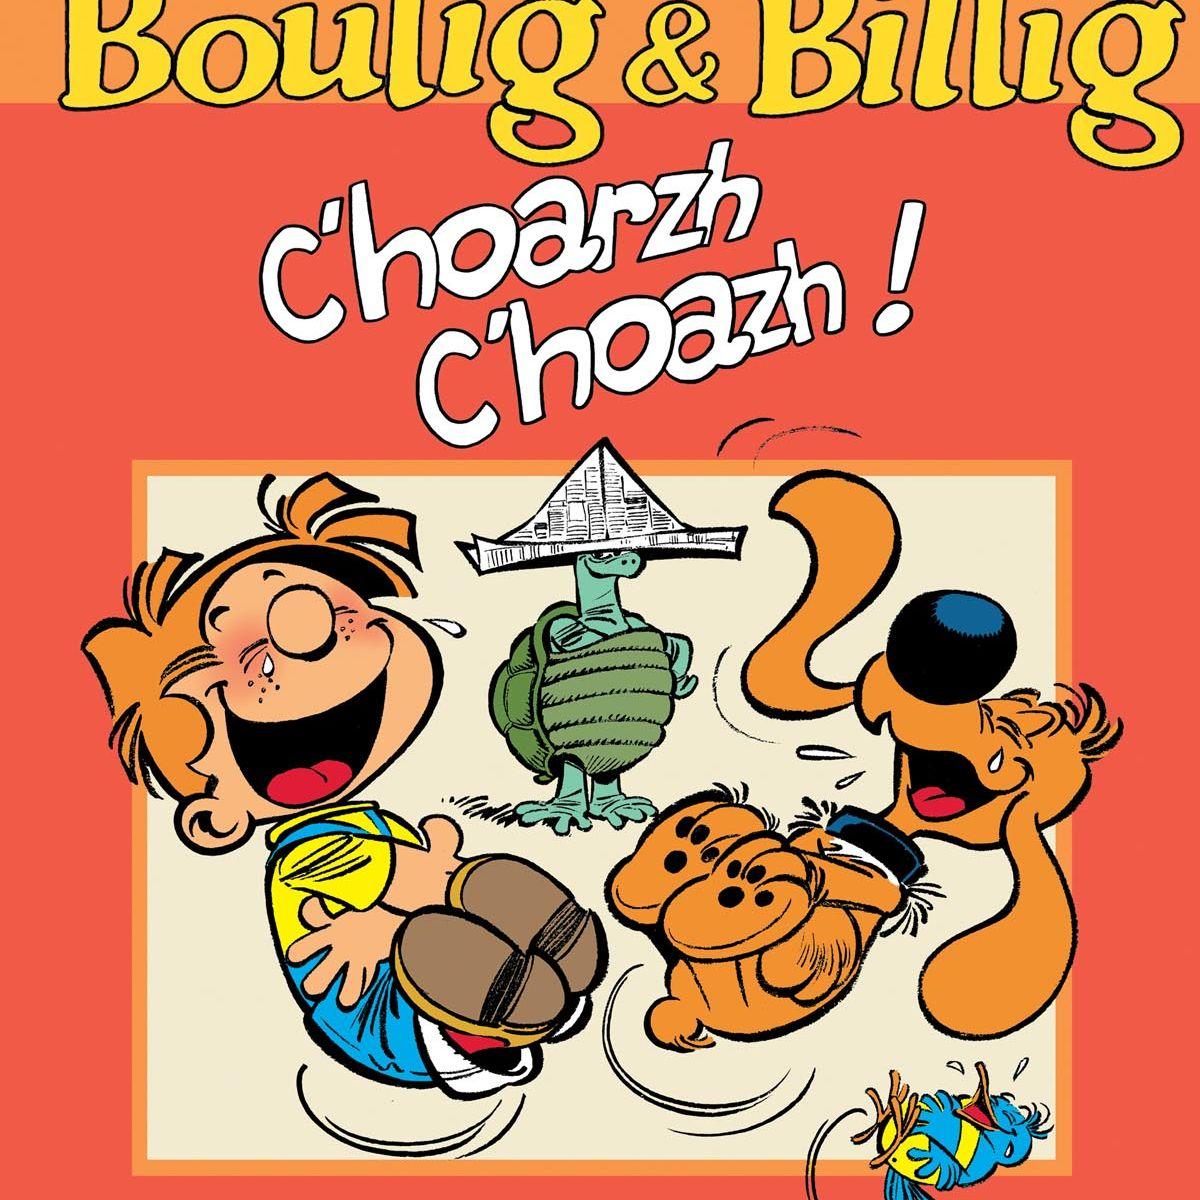 Boulig & Billig : C'hoarzh c'hoazh !